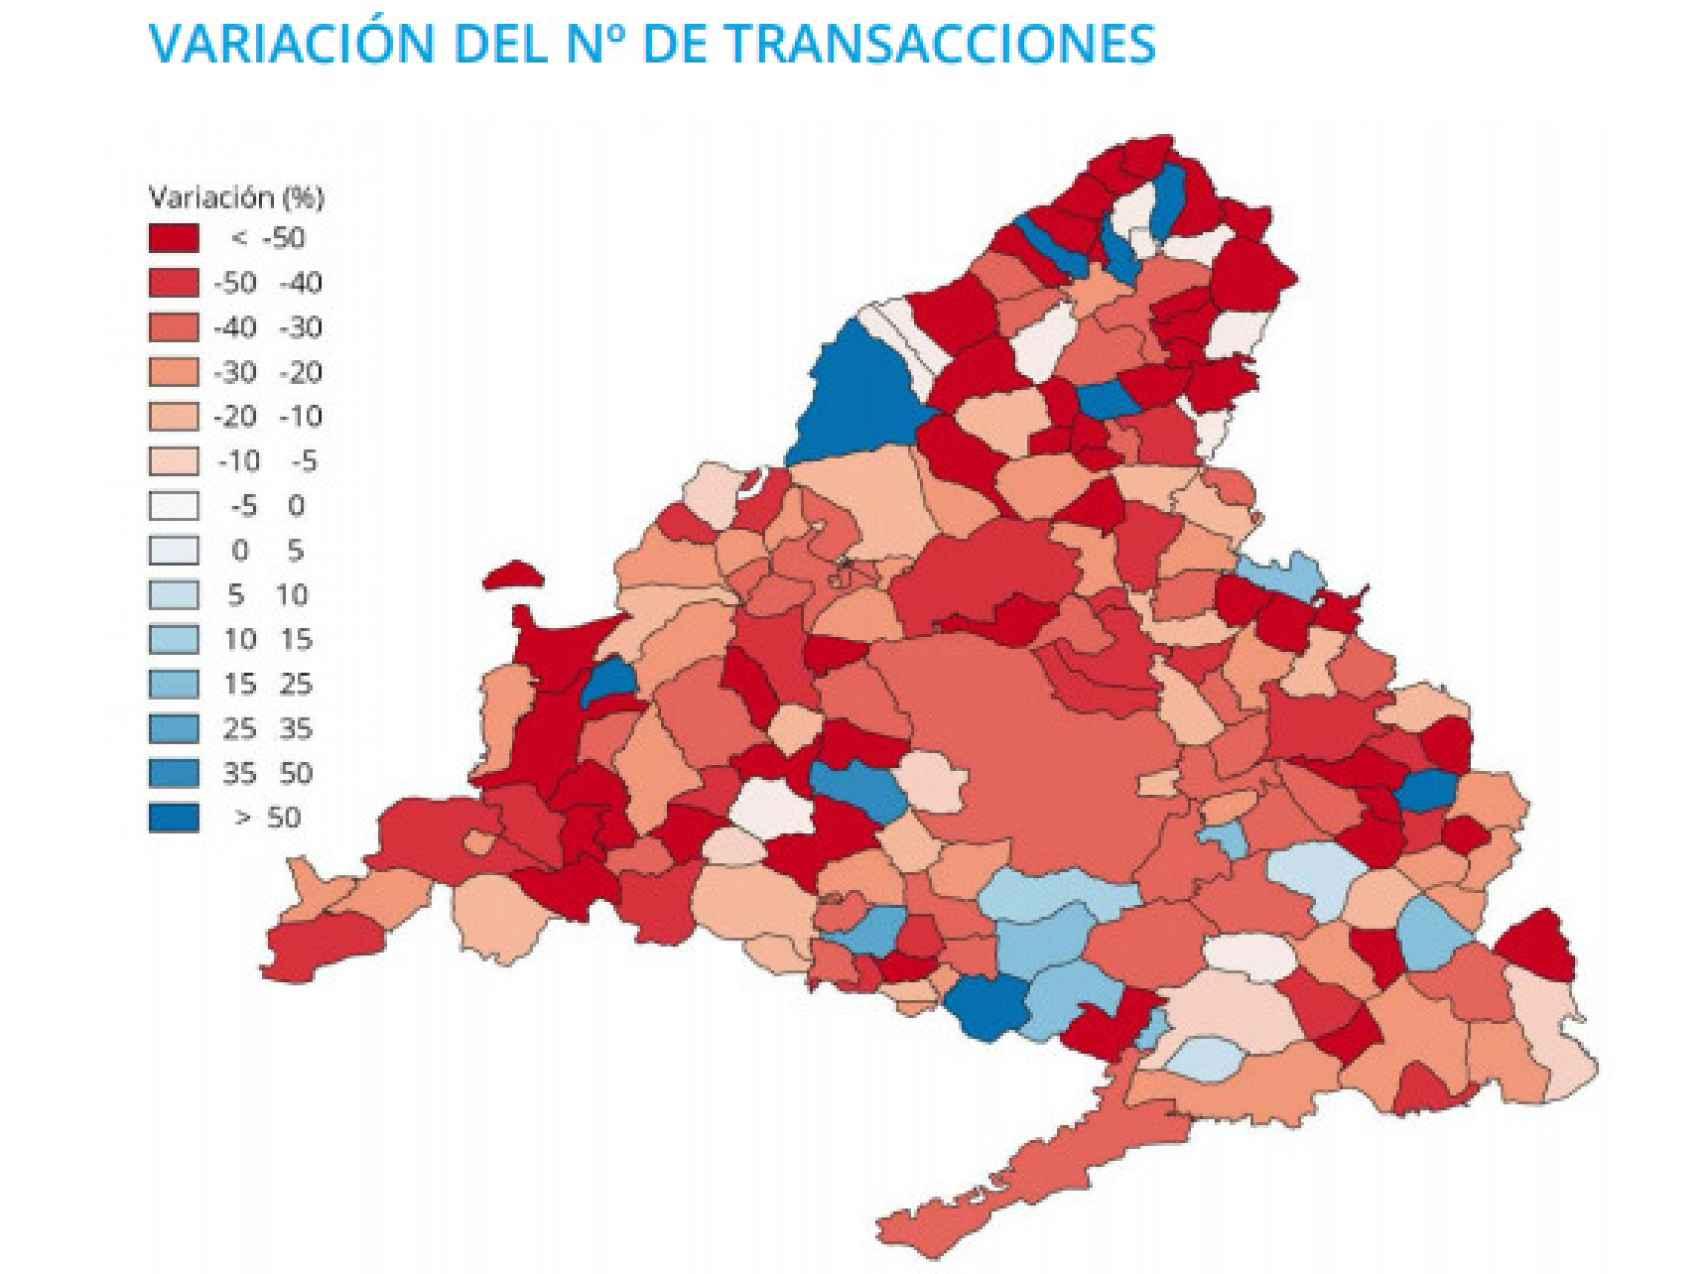 Variación de las transacciones de vivienda en la Comunidad de Madrid.